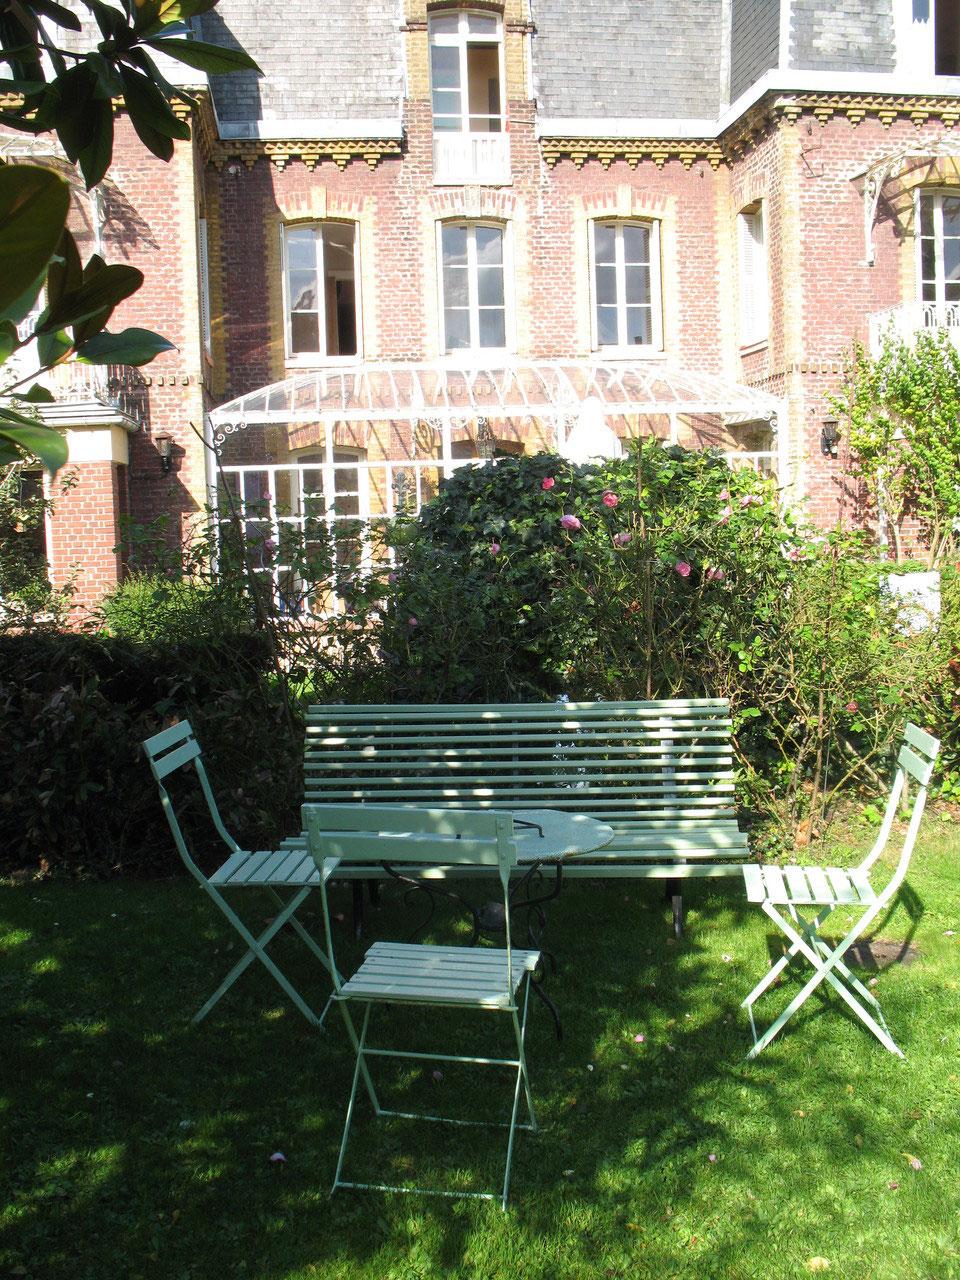 chambres d 39 h tes de charme dieppe site de la villa des capucins dieppe. Black Bedroom Furniture Sets. Home Design Ideas